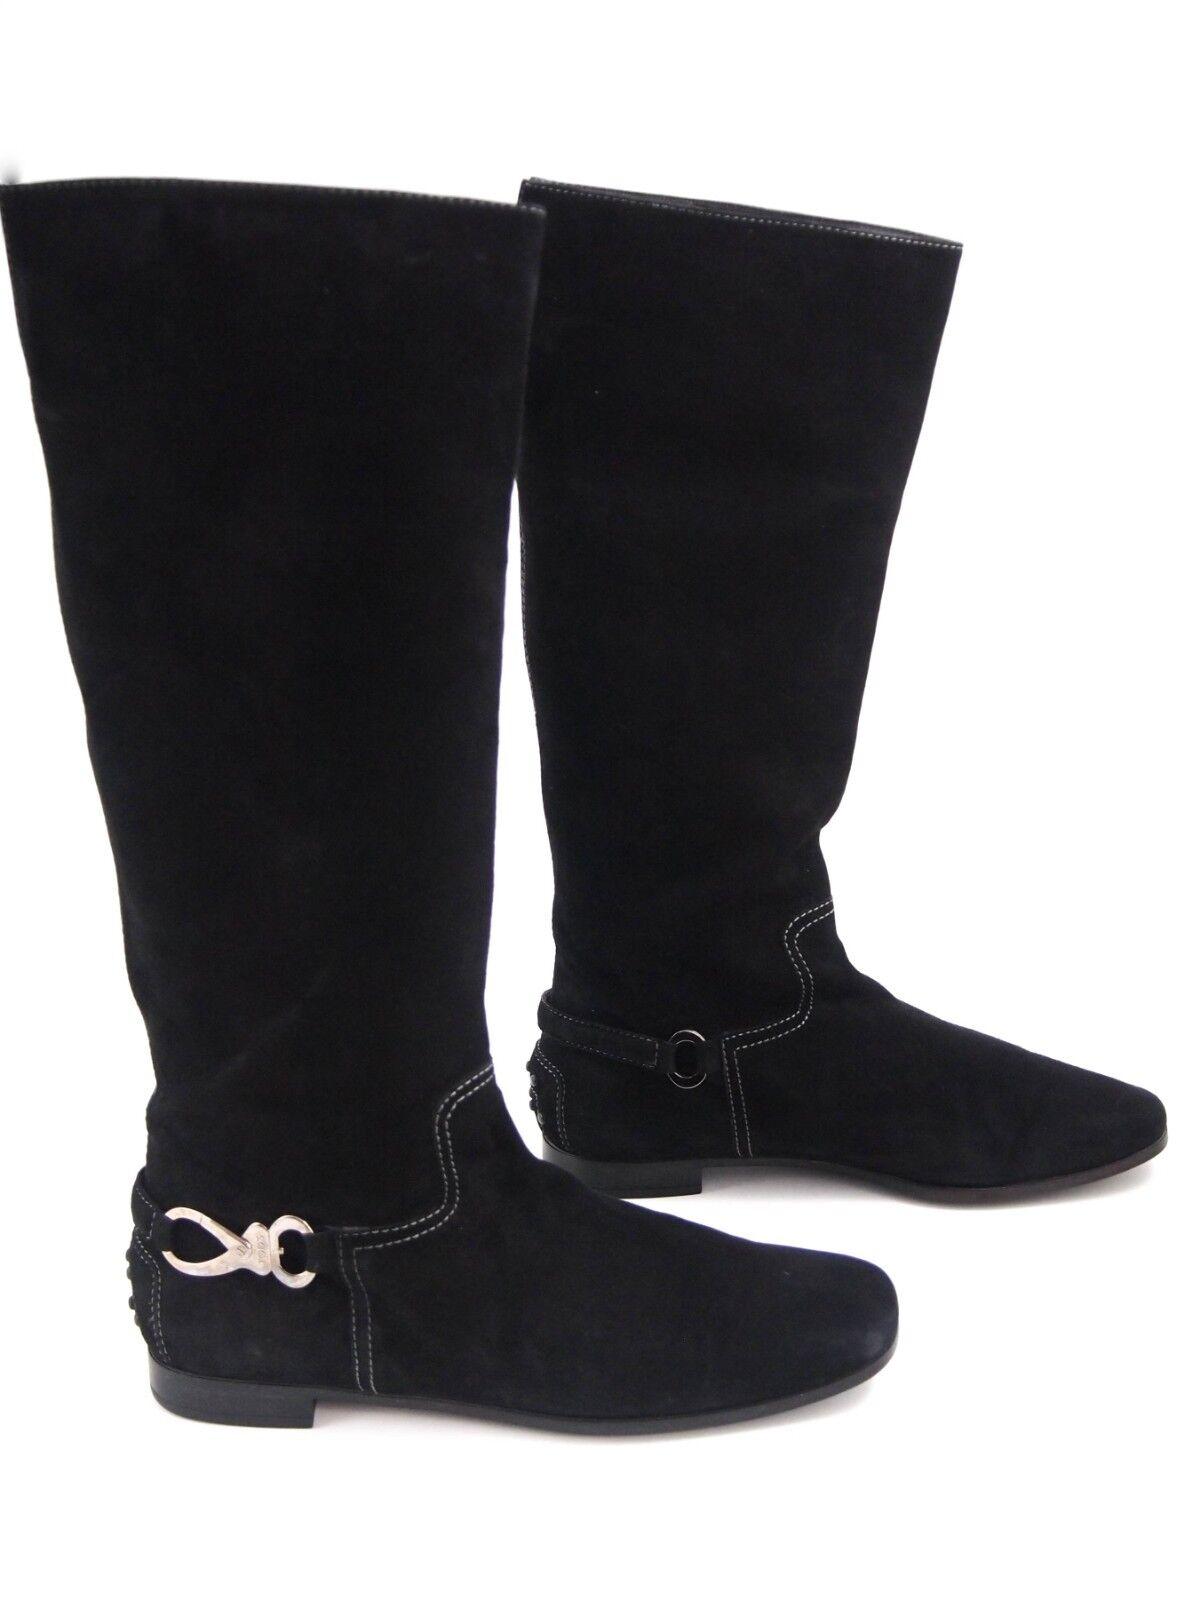 Tod's Tod's Tod's knee high Stiefel, schwarz suede, damen Größe US 8.5 EU 38.5  870 389a84